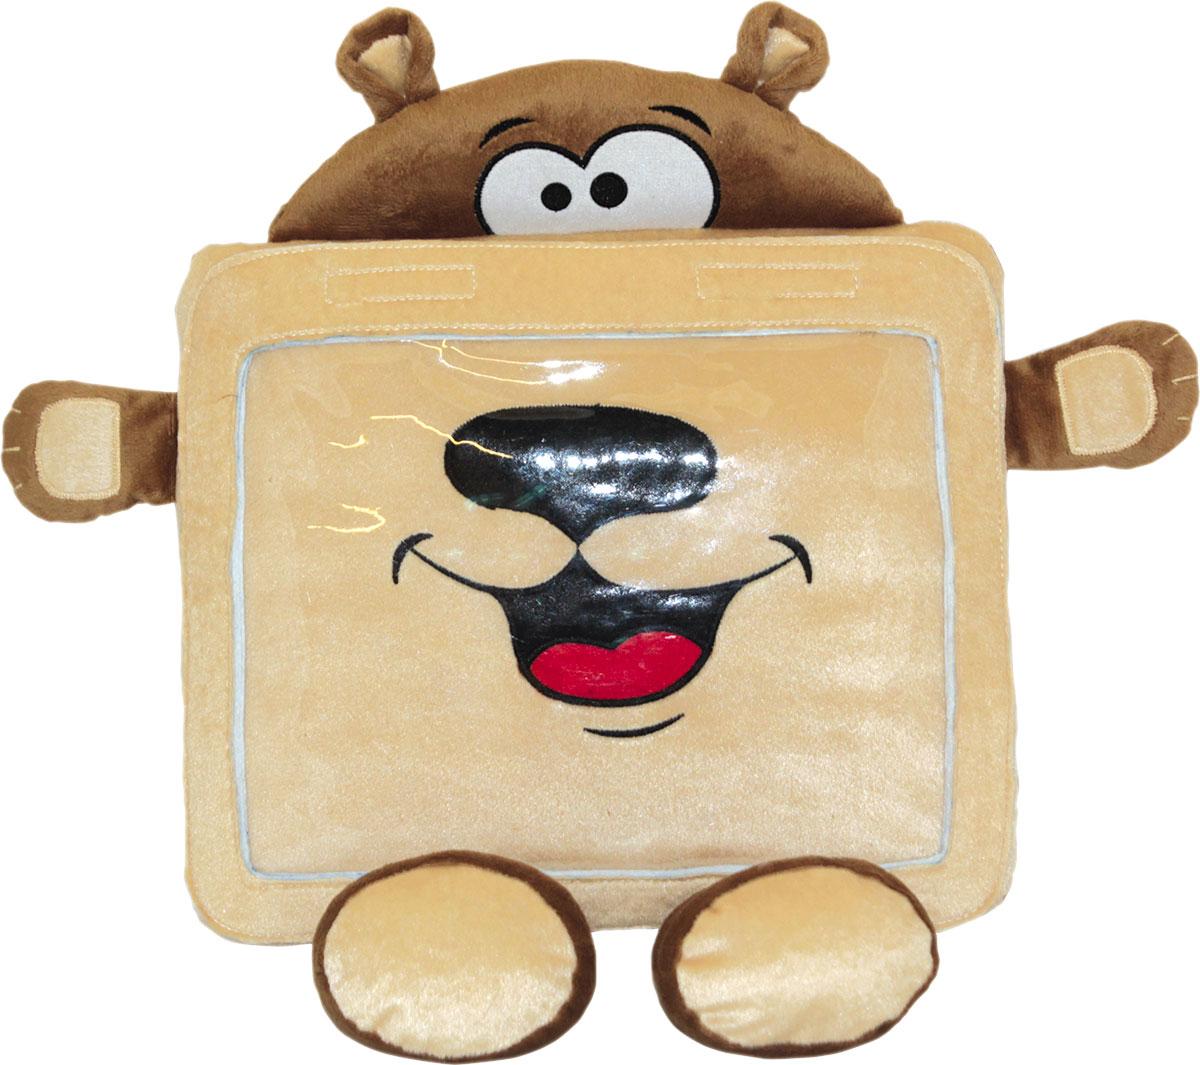 Gulliver Мягкая игрушка-чехол Мишка66-OT160177Чехол Gulliver защитит планшет от падений и ударов, а когда устройство не нужно, то Мишка станет главным героем для увлекательных сюжетных игр.Устройство легко поместить внутрь чехла, а картинка с экрана будет хорошо видна через прозрачное окошко на корпусе.Дети с интересом будут рассматривать забавную мордашку и ушки мишки, а его лапки станут удобной подставкой для планшета. На чехле расположено отверстие для подключения наушников к планшету.Мягкую игрушку-чехол можно брать с собой в поездки, чтобы малыш отвлекался на просмотр мультиков, закрепив чехол на спинке сиденья специальным ремешком.